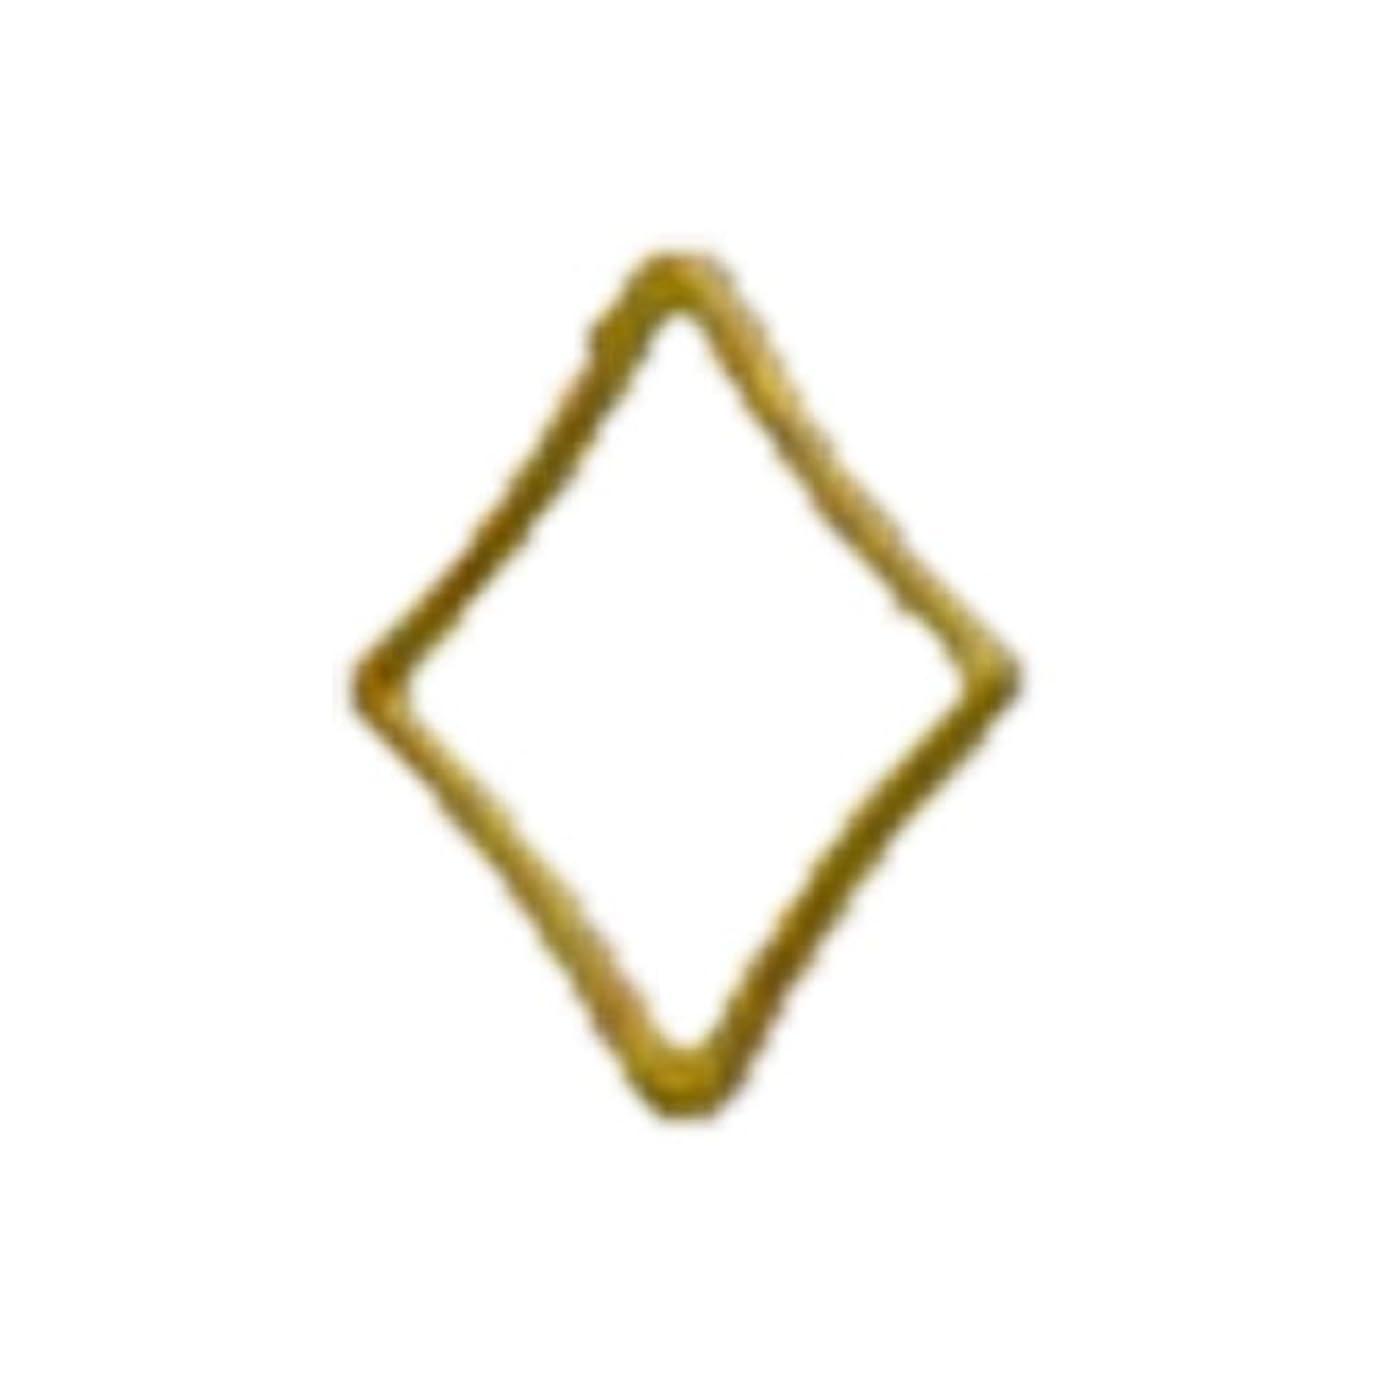 記憶優越食事を調理するリトルプリティー ネイルアートパーツ キラキラ 3S ゴールド 20個